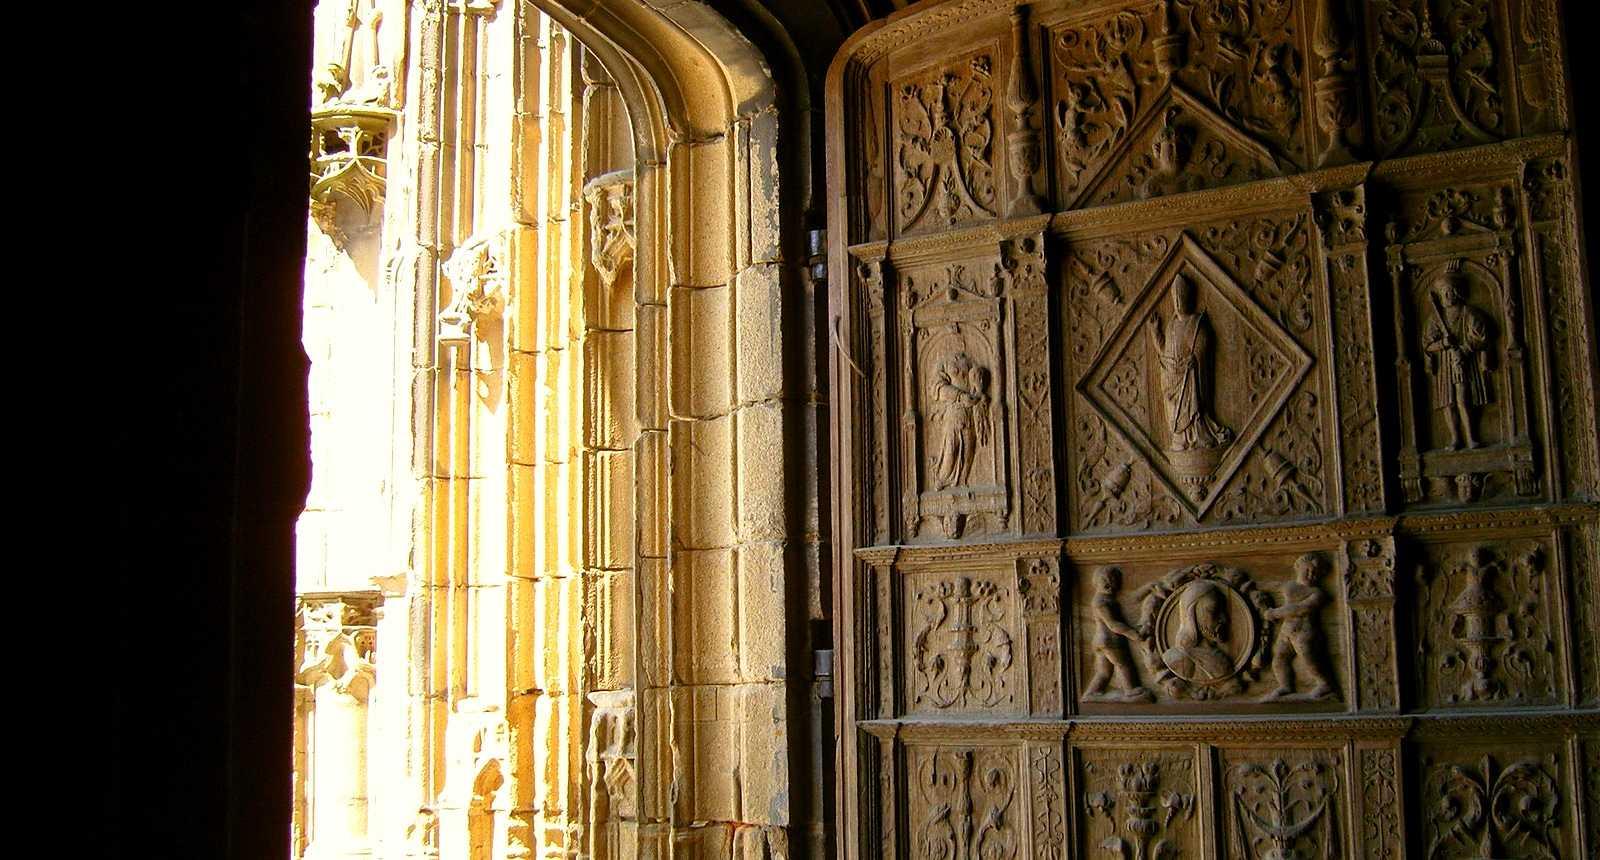 Détail de la porte de la Cathédrale Saint-Etienne de Limoges